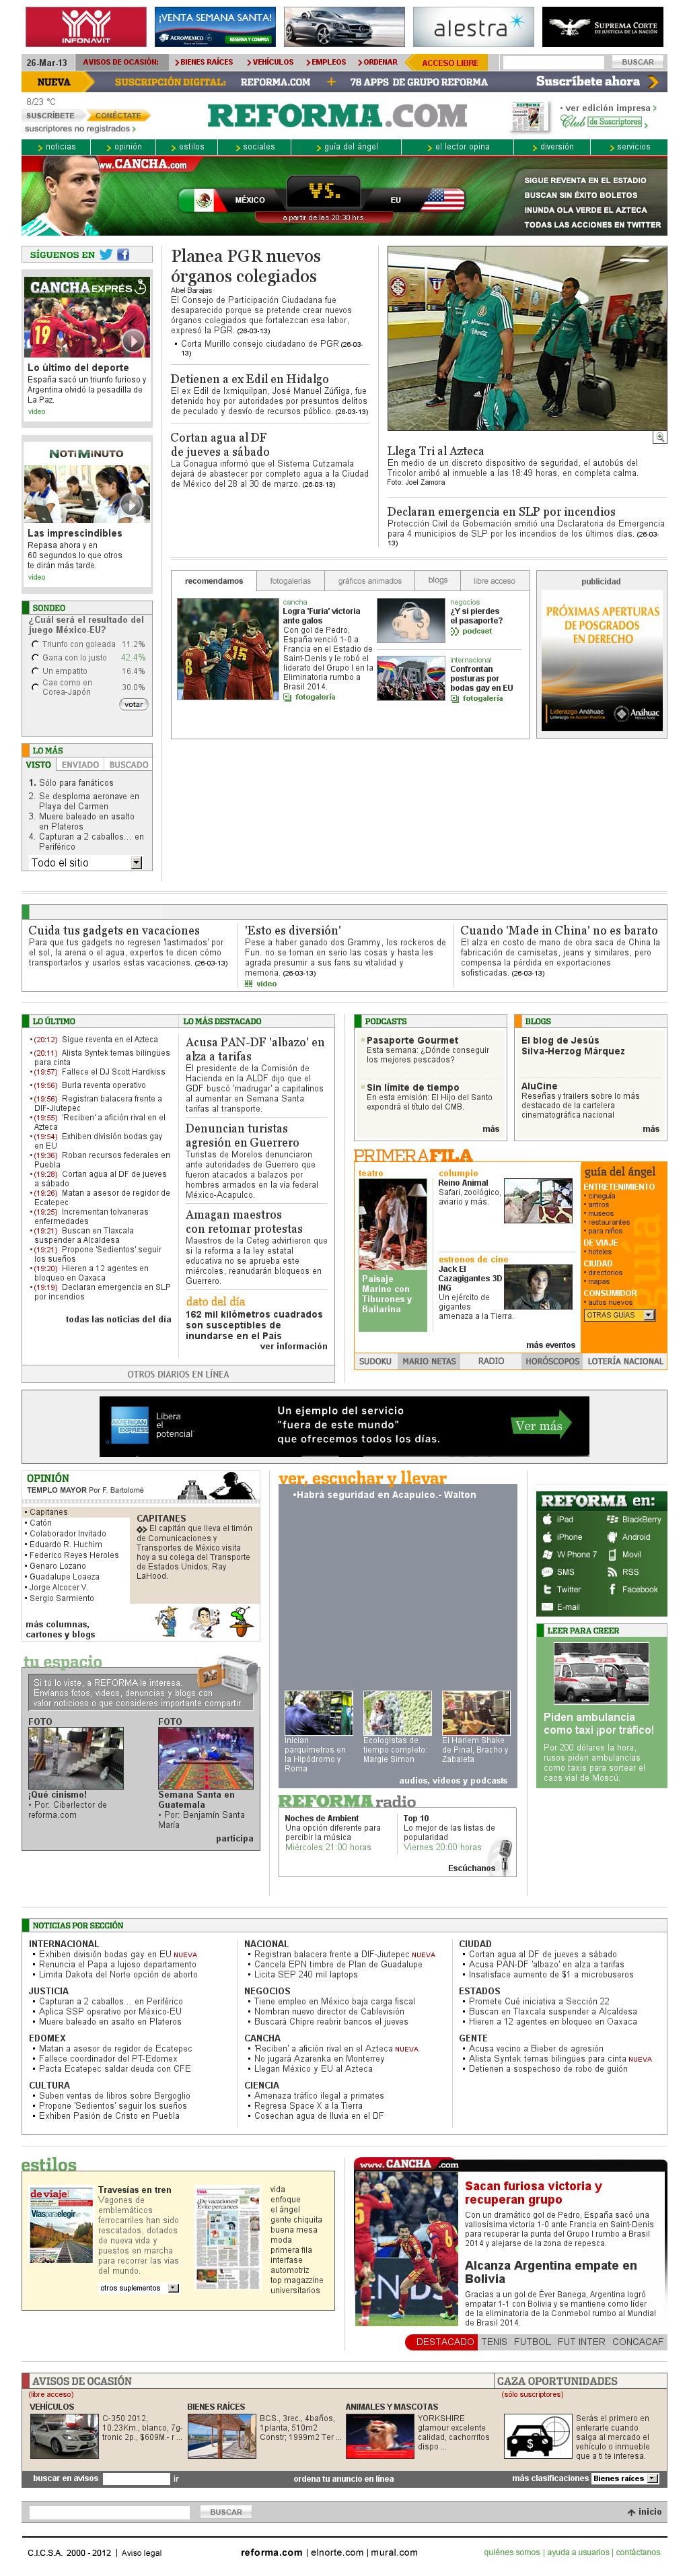 Reforma.com at Wednesday March 27, 2013, 2:28 a.m. UTC